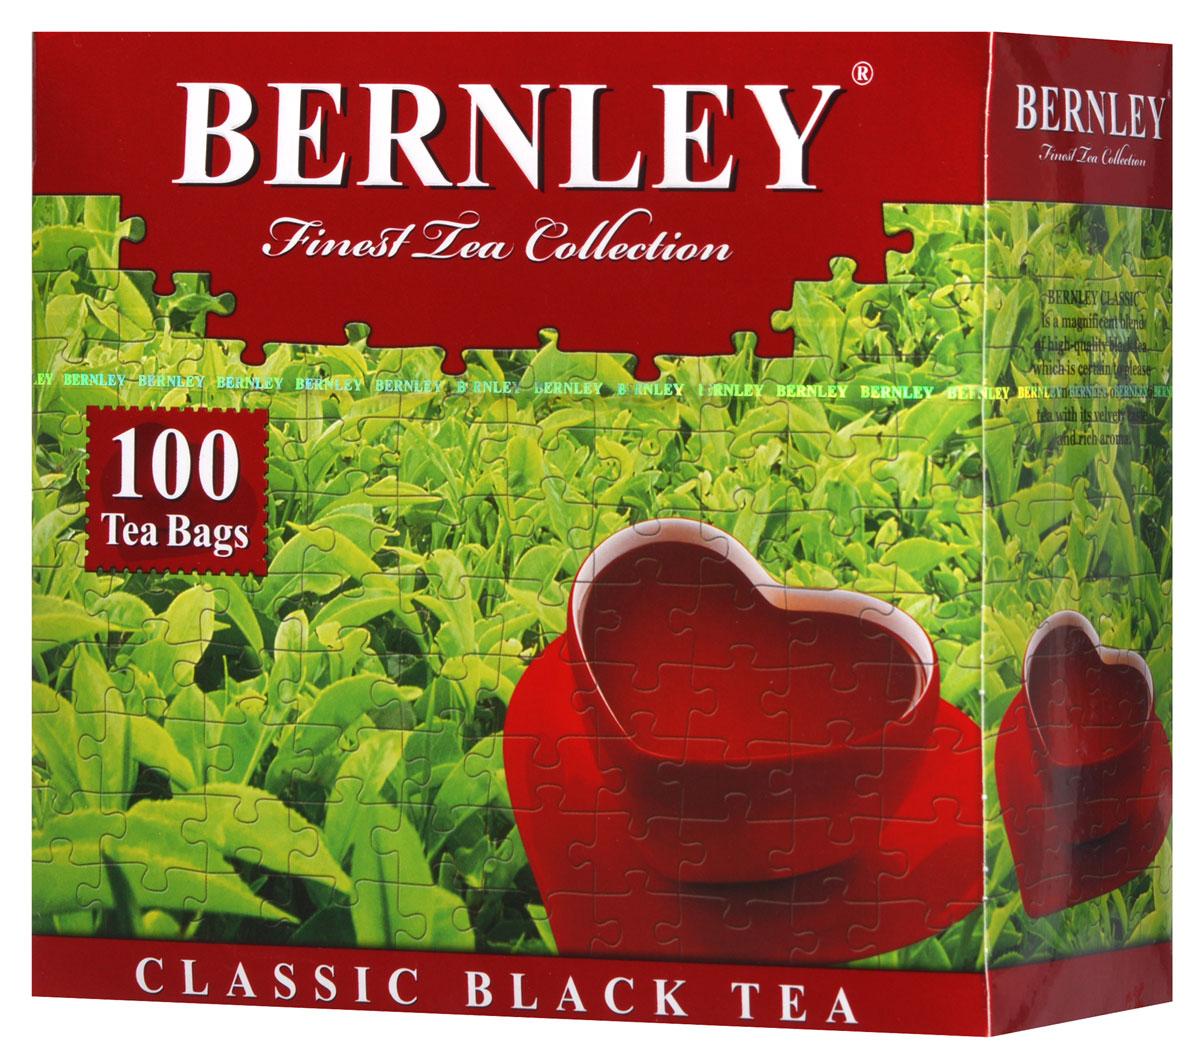 Bernley Классический черный чай в пакетиках, 100 шт1070058Пакетированный черный индийский чай Bernley Классический при заваривании дает крепкий настой яркого цвета с отлично тонизирующим вкусом и неповторимым насыщенным ароматом.